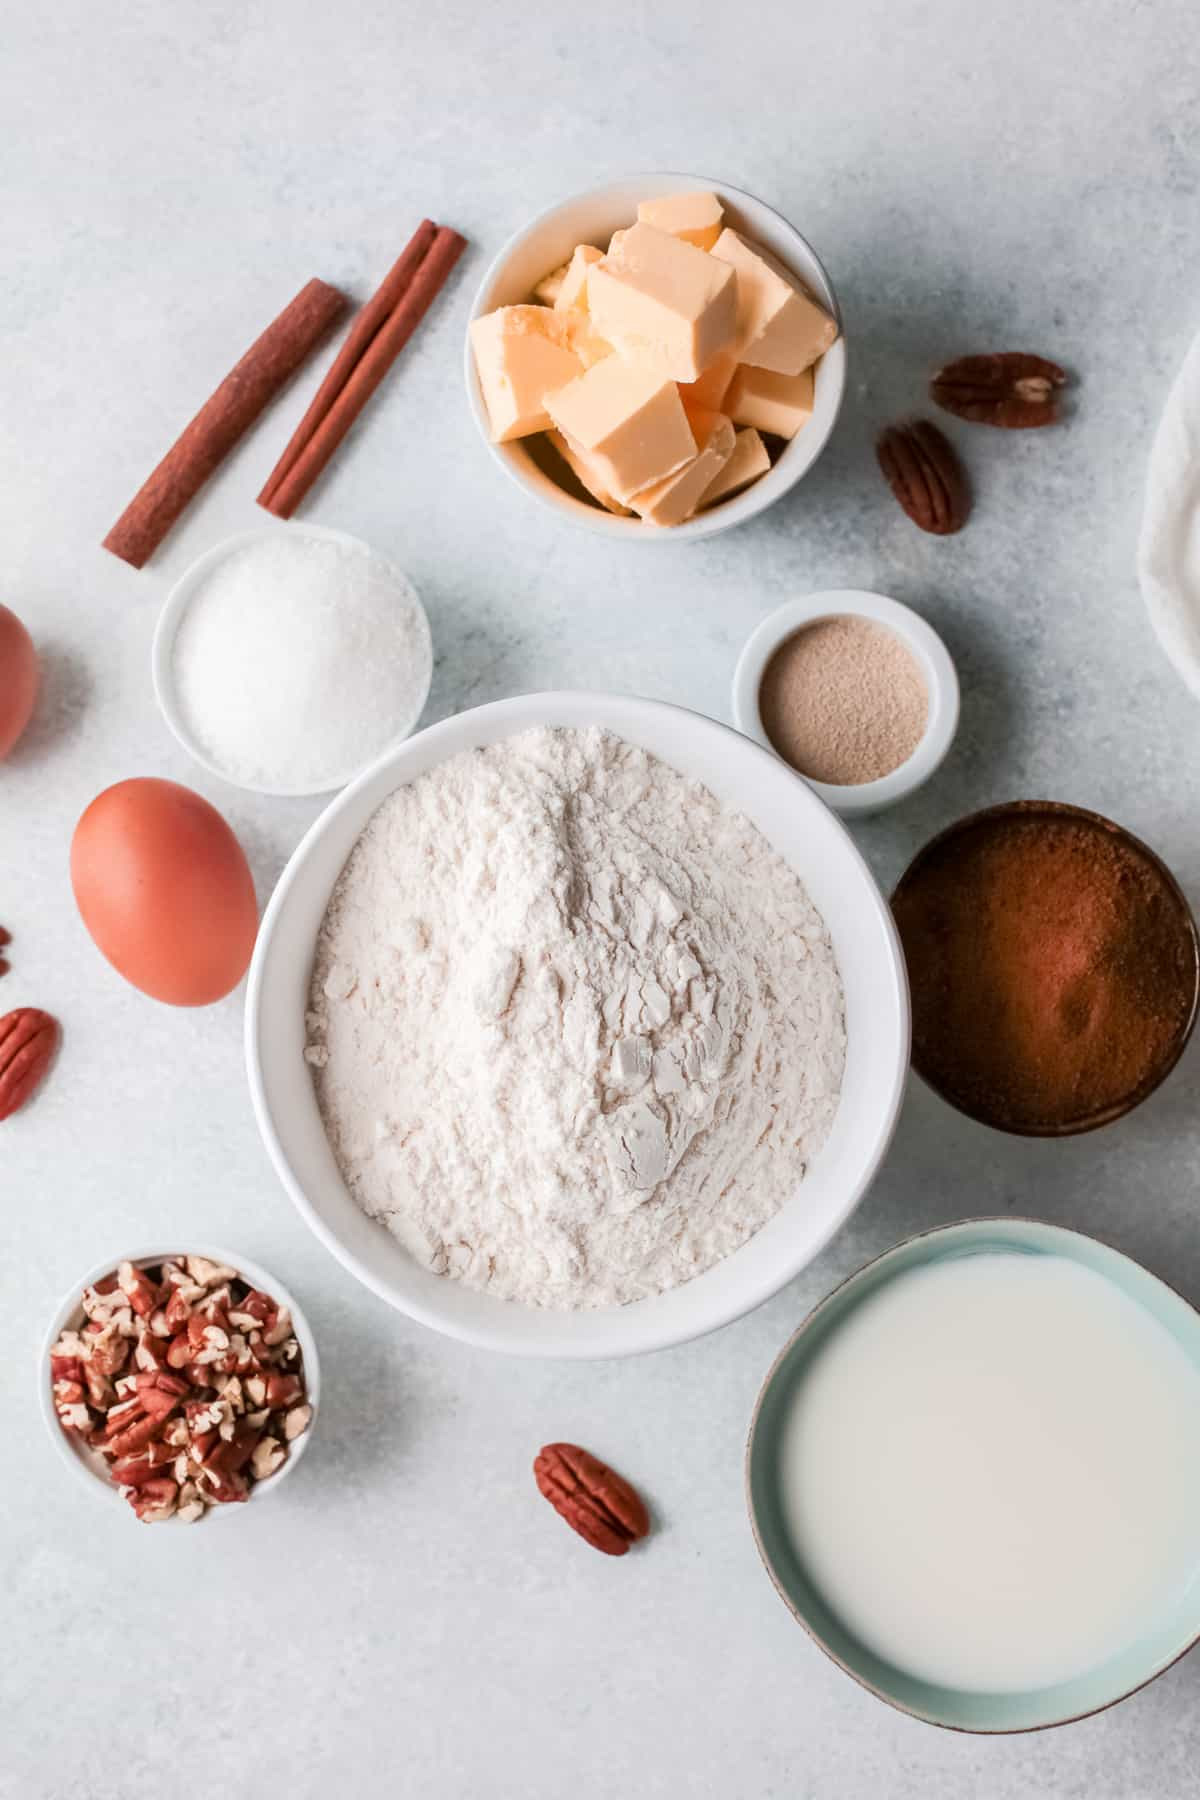 ingredients for pecan caramel cinnamon rolls